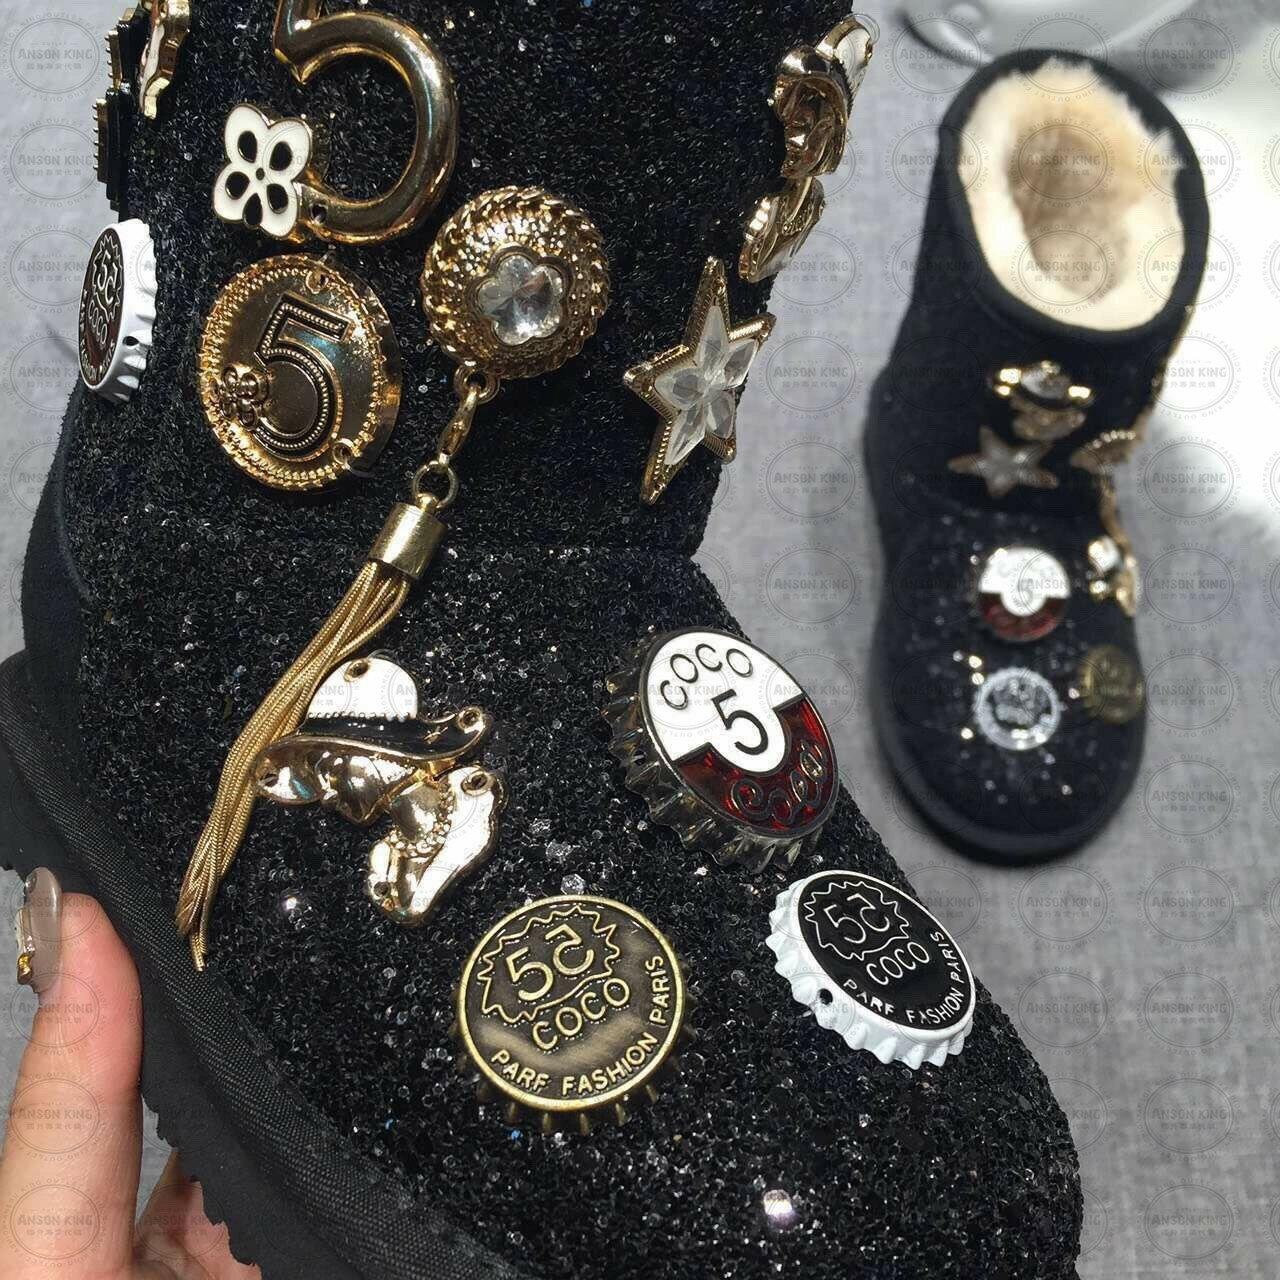 OUTLET正品代購 澳洲 UGG 聖誕款徽章 兒童雪靴 中長靴 保暖 真皮羊皮毛 雪靴 短靴 黑色 2